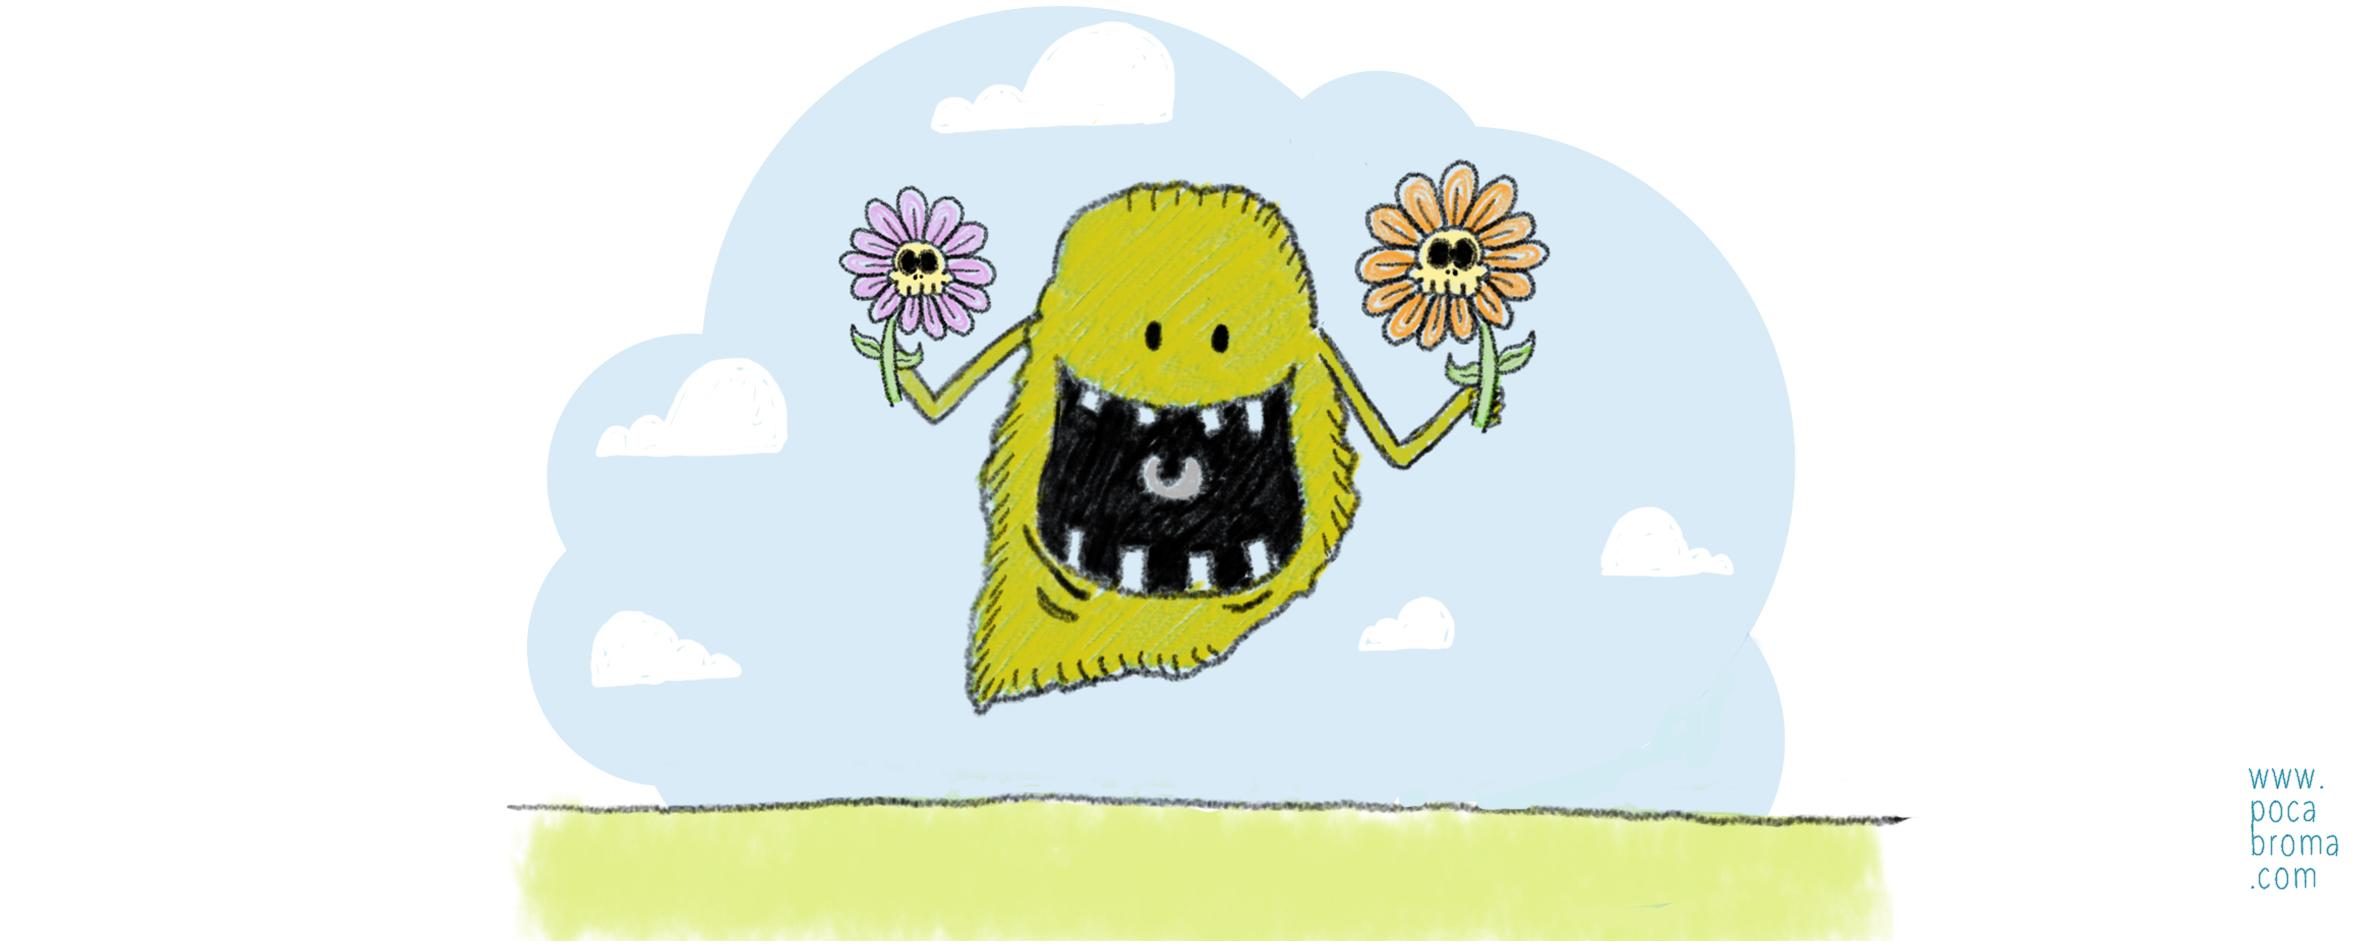 Bring me flowers